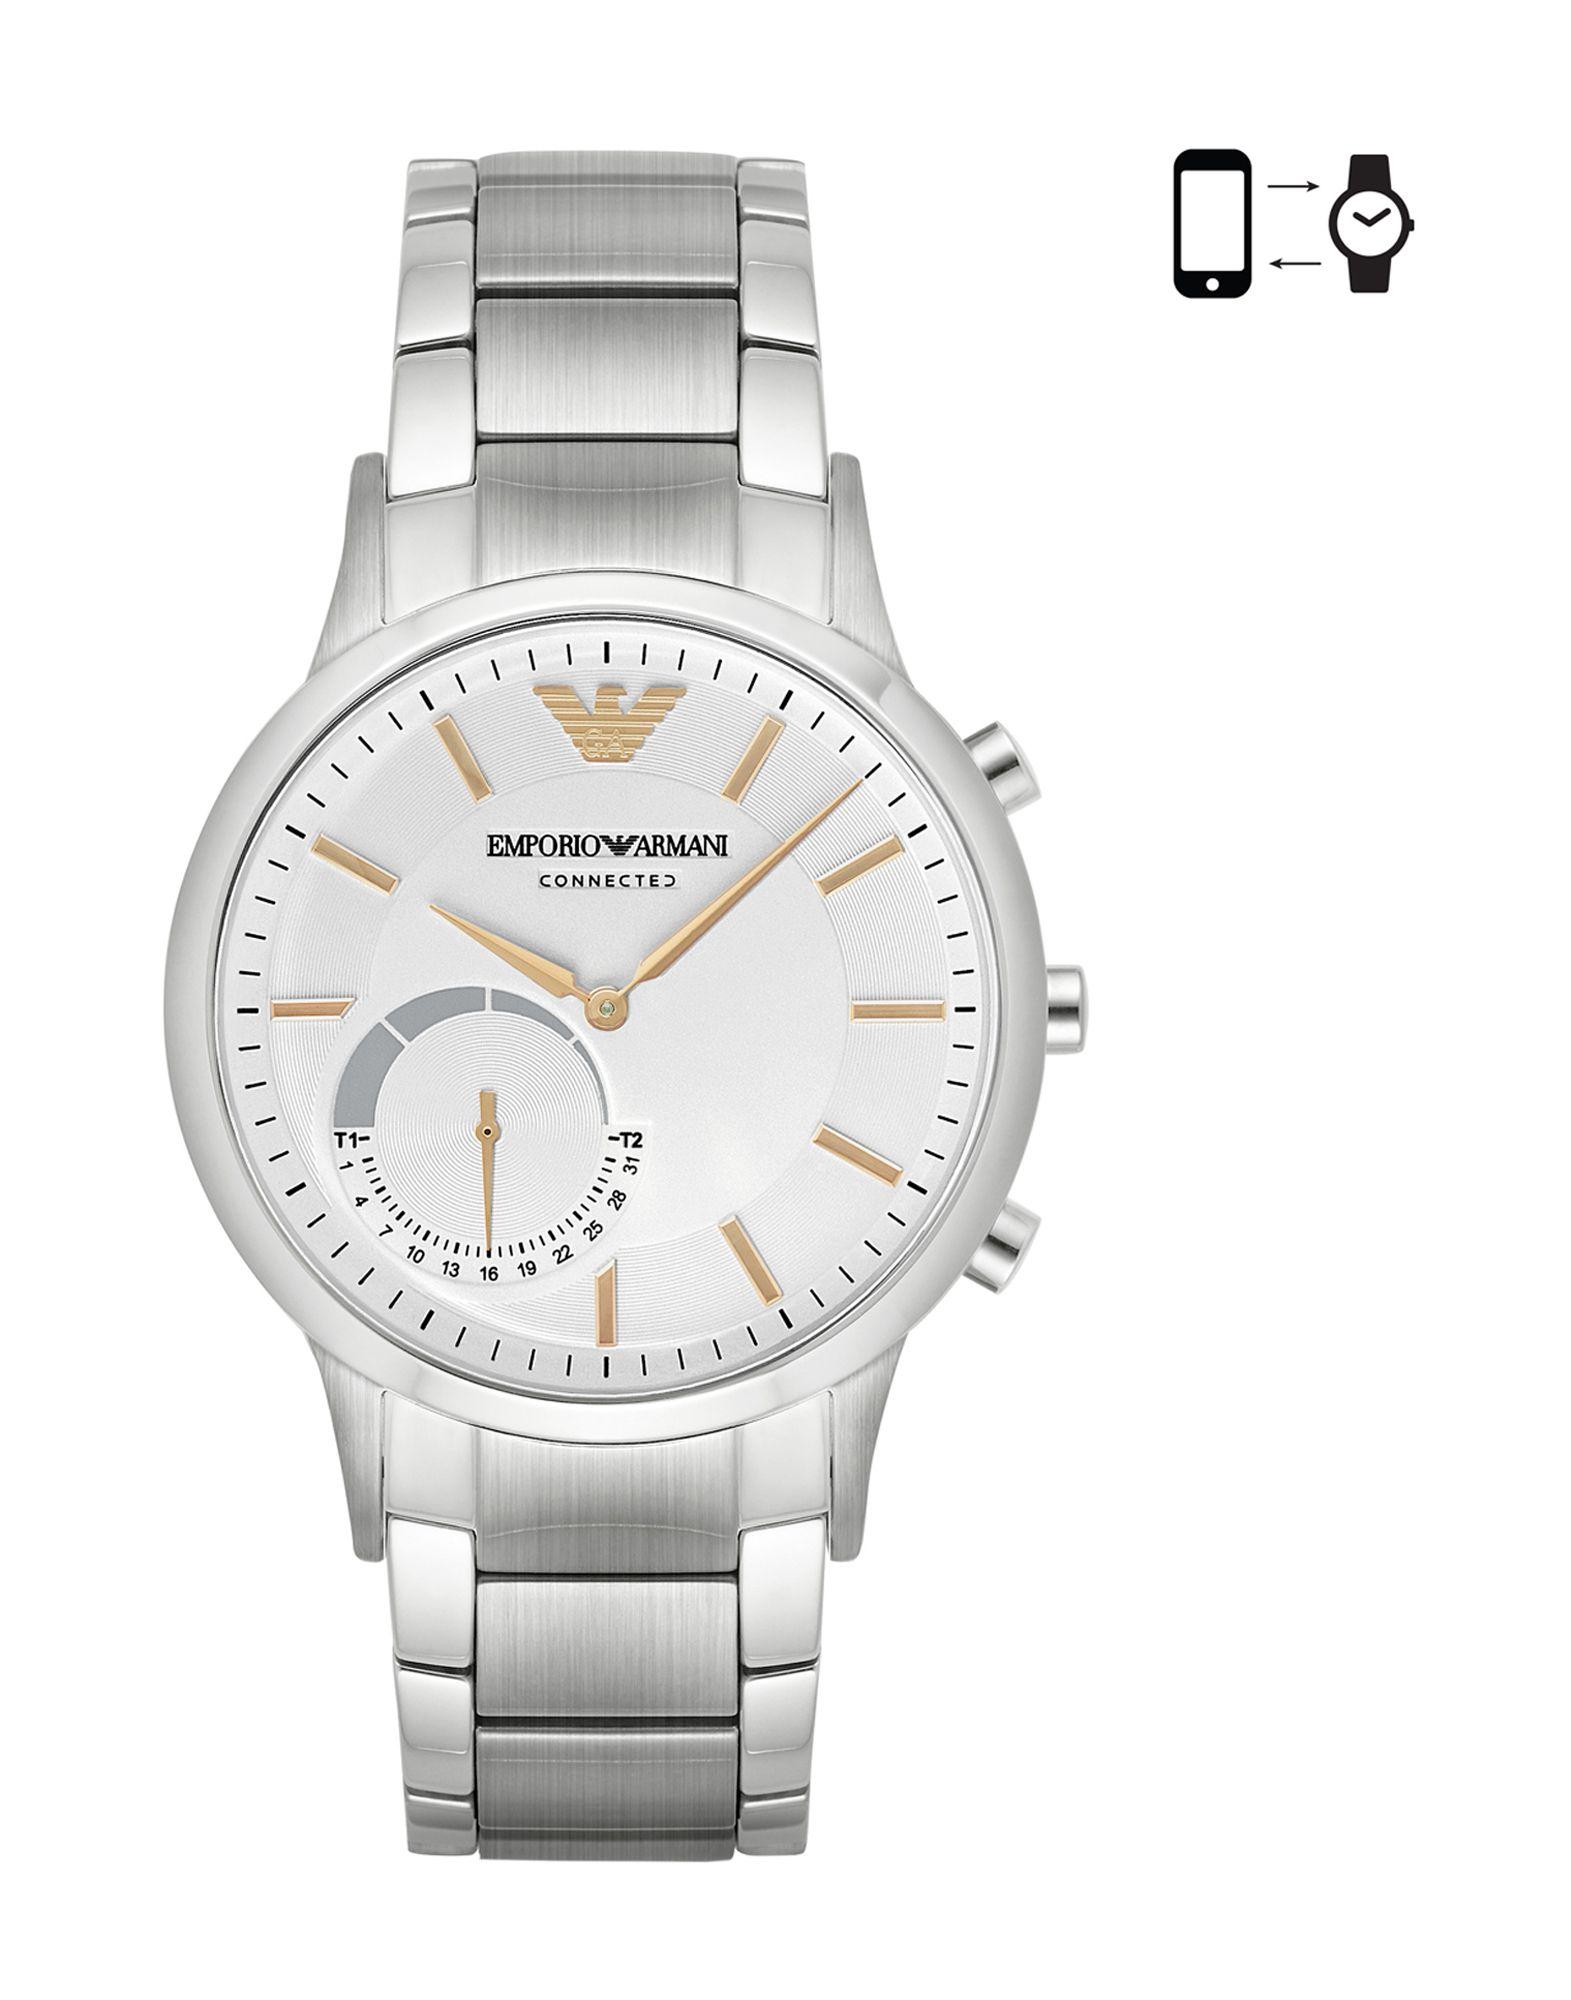 EMPORIO ARMANI CONNECTED Herren Smartwatch Farbe Weiß Größe 1 - broschei